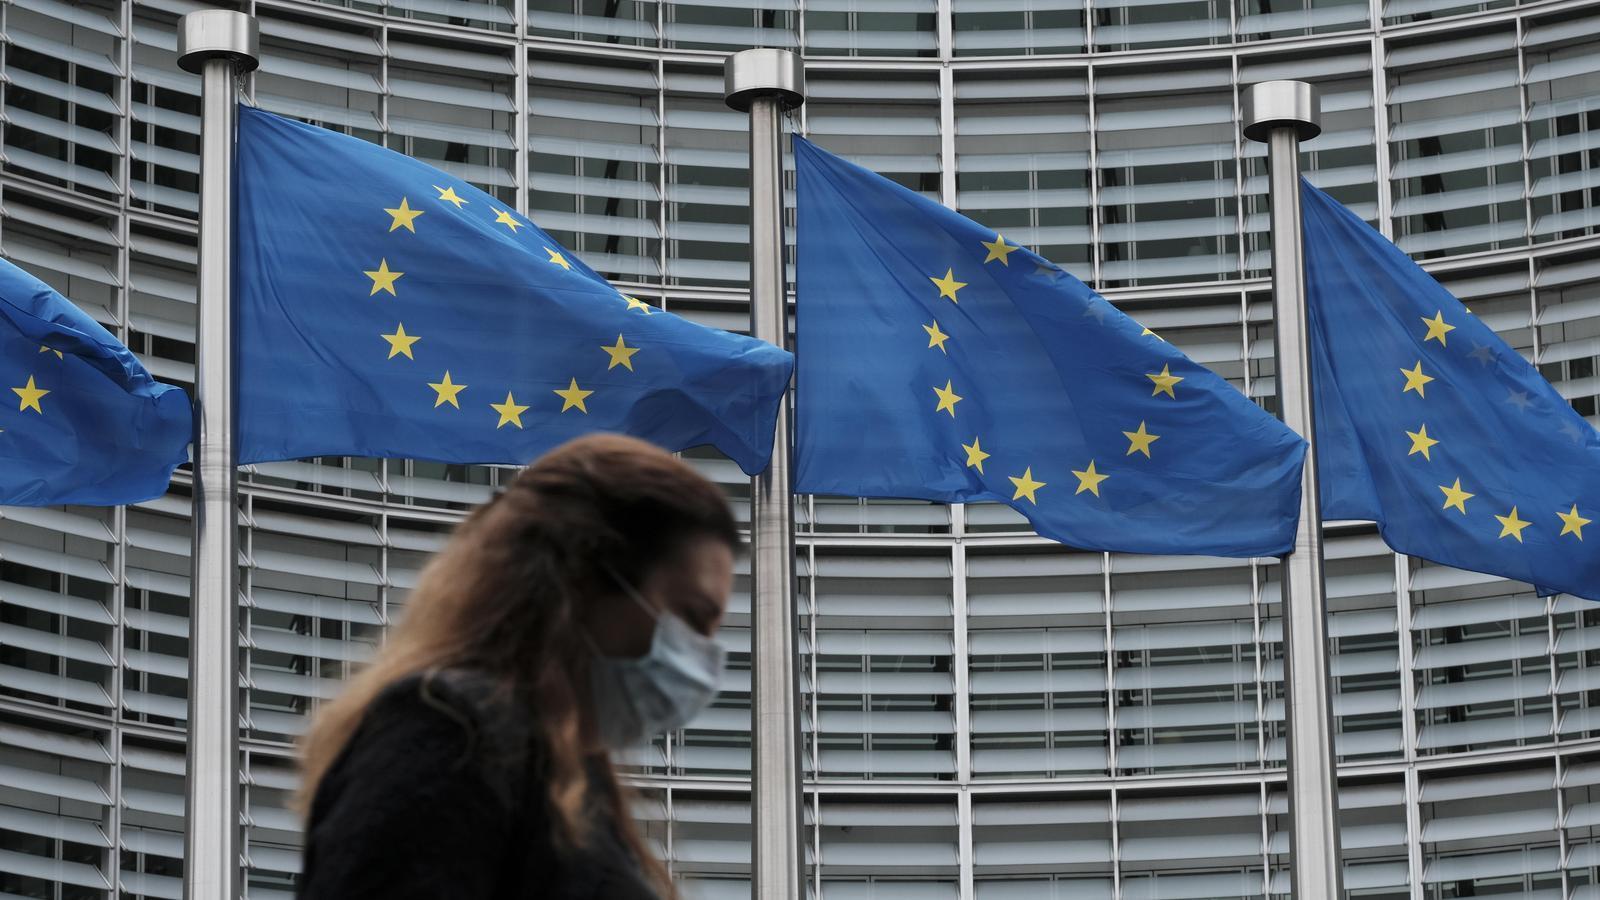 Una dona amb mascareta davant les banderes de la Unió Europea alçades davant la seu de la Comissió Europea a Brussel·les